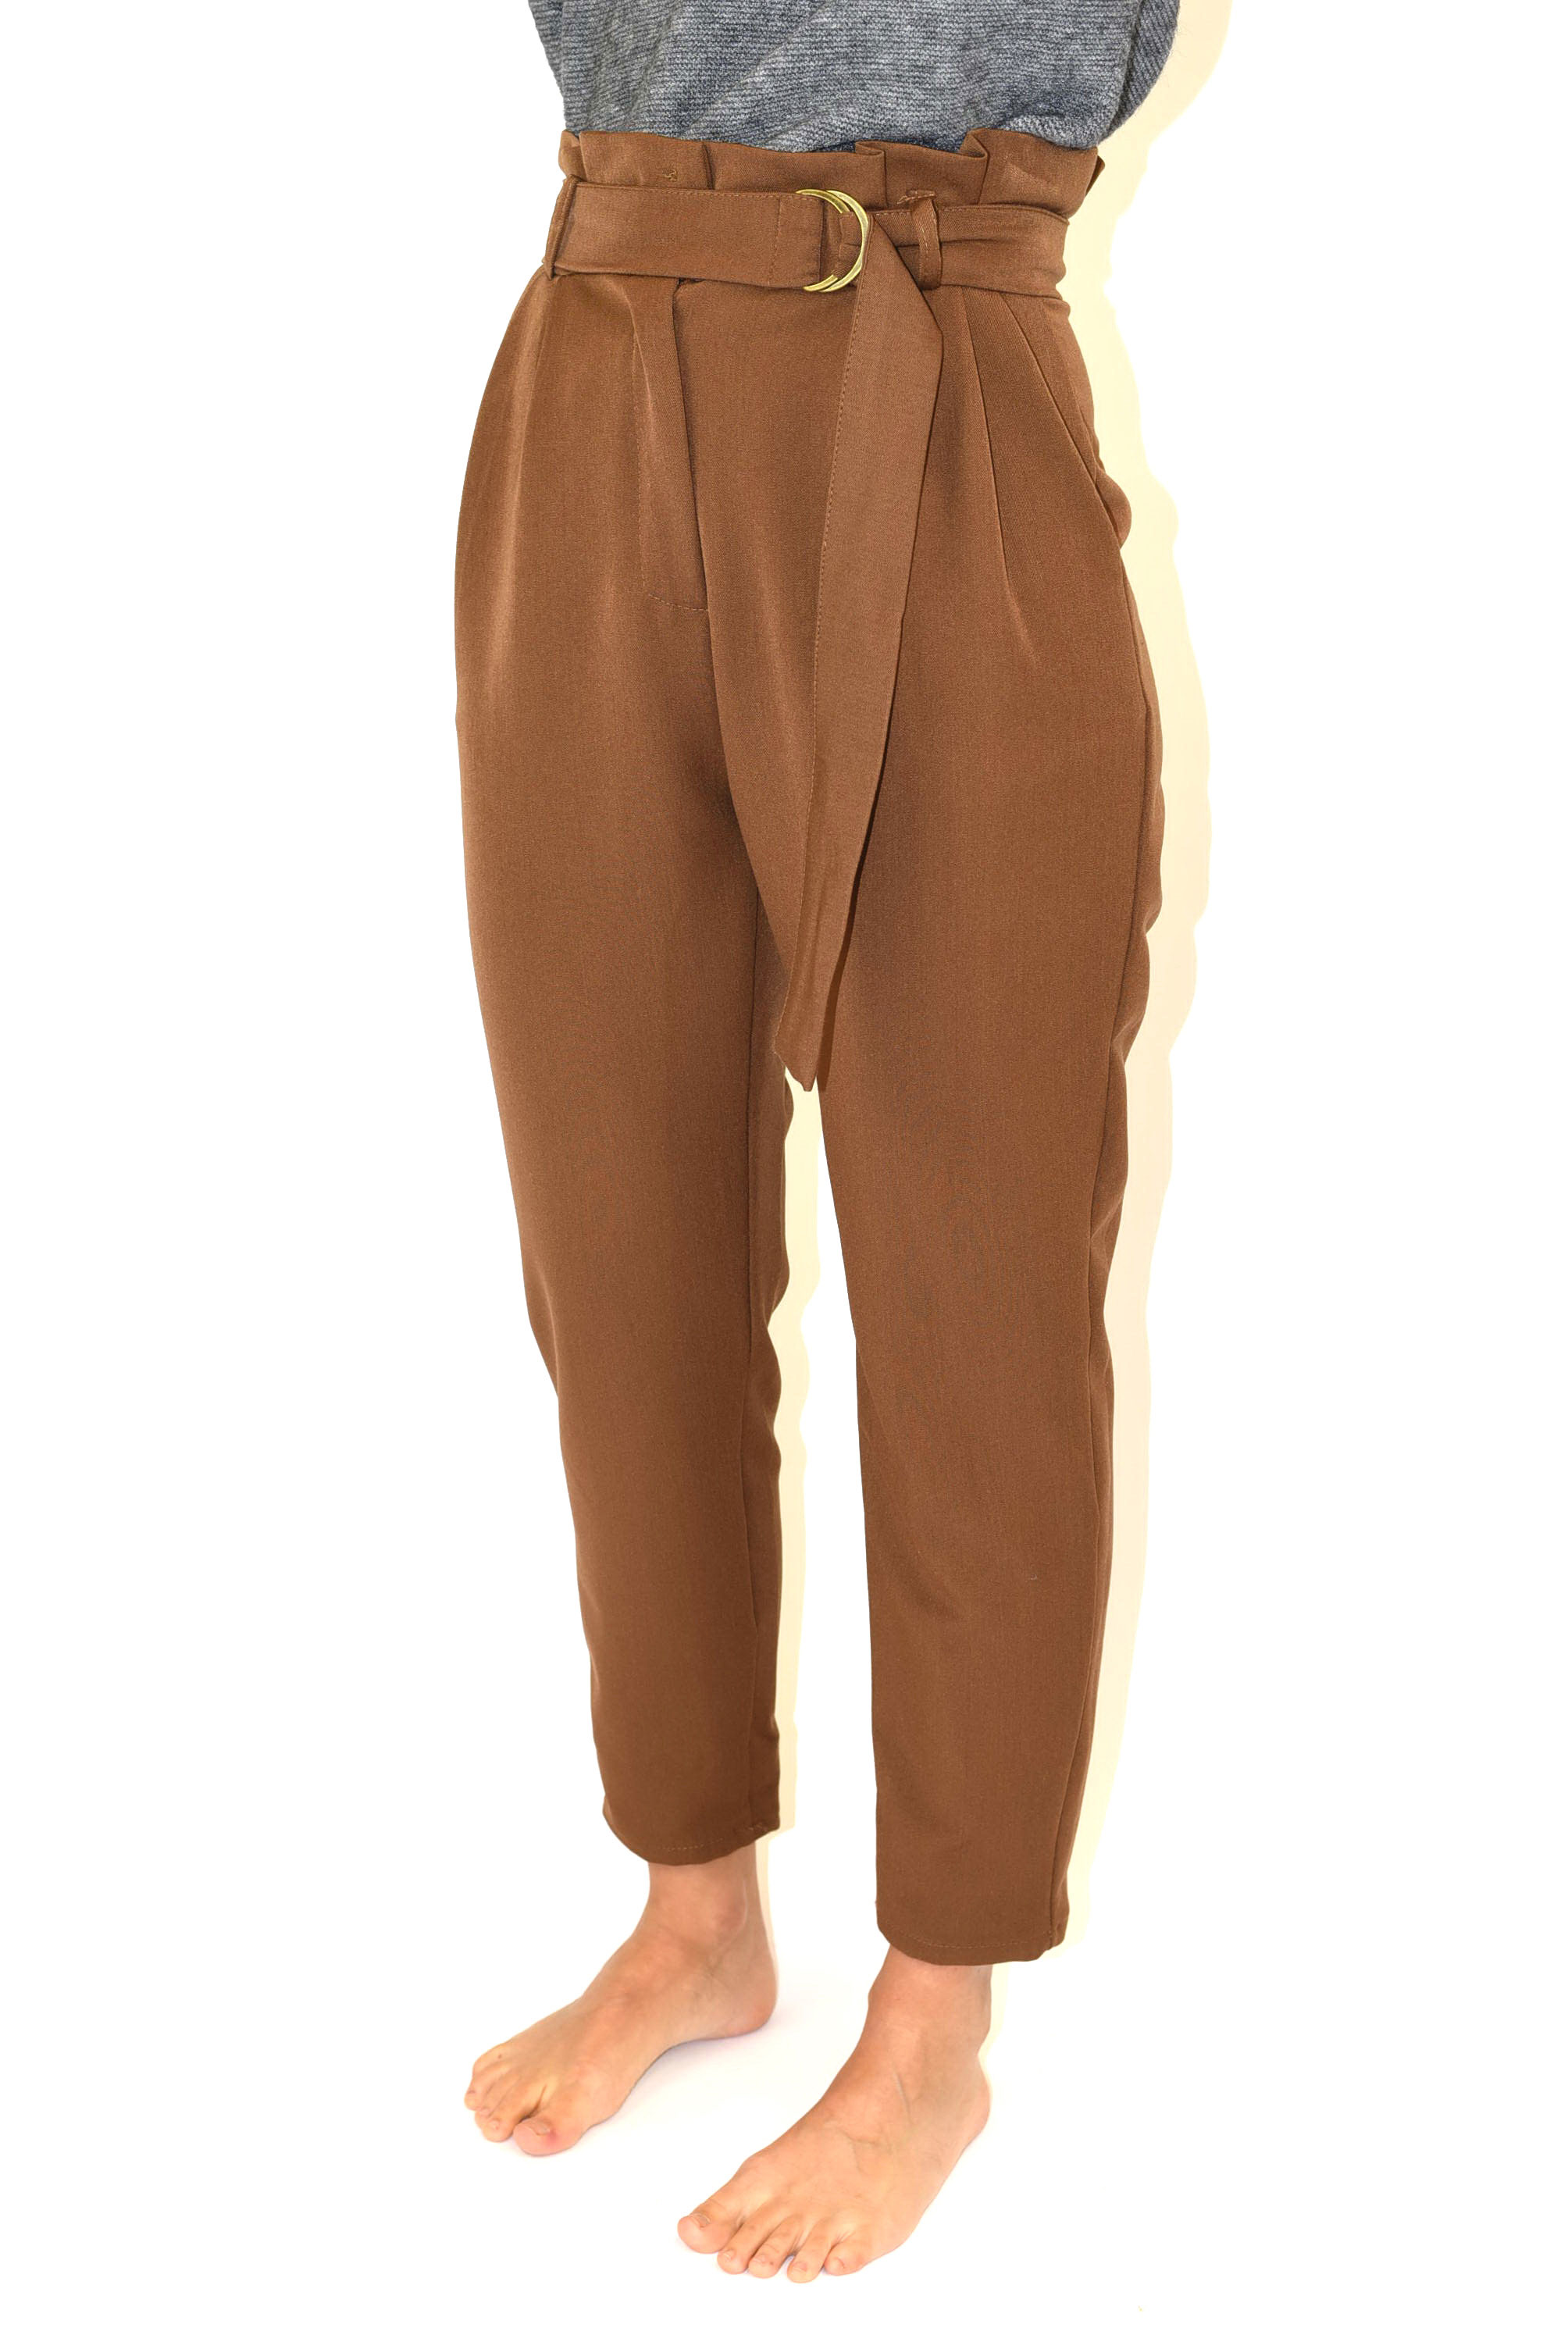 spedizioni mondiali gratuite elegante e grazioso immagini ufficiali Pantalone vita alta con cintura